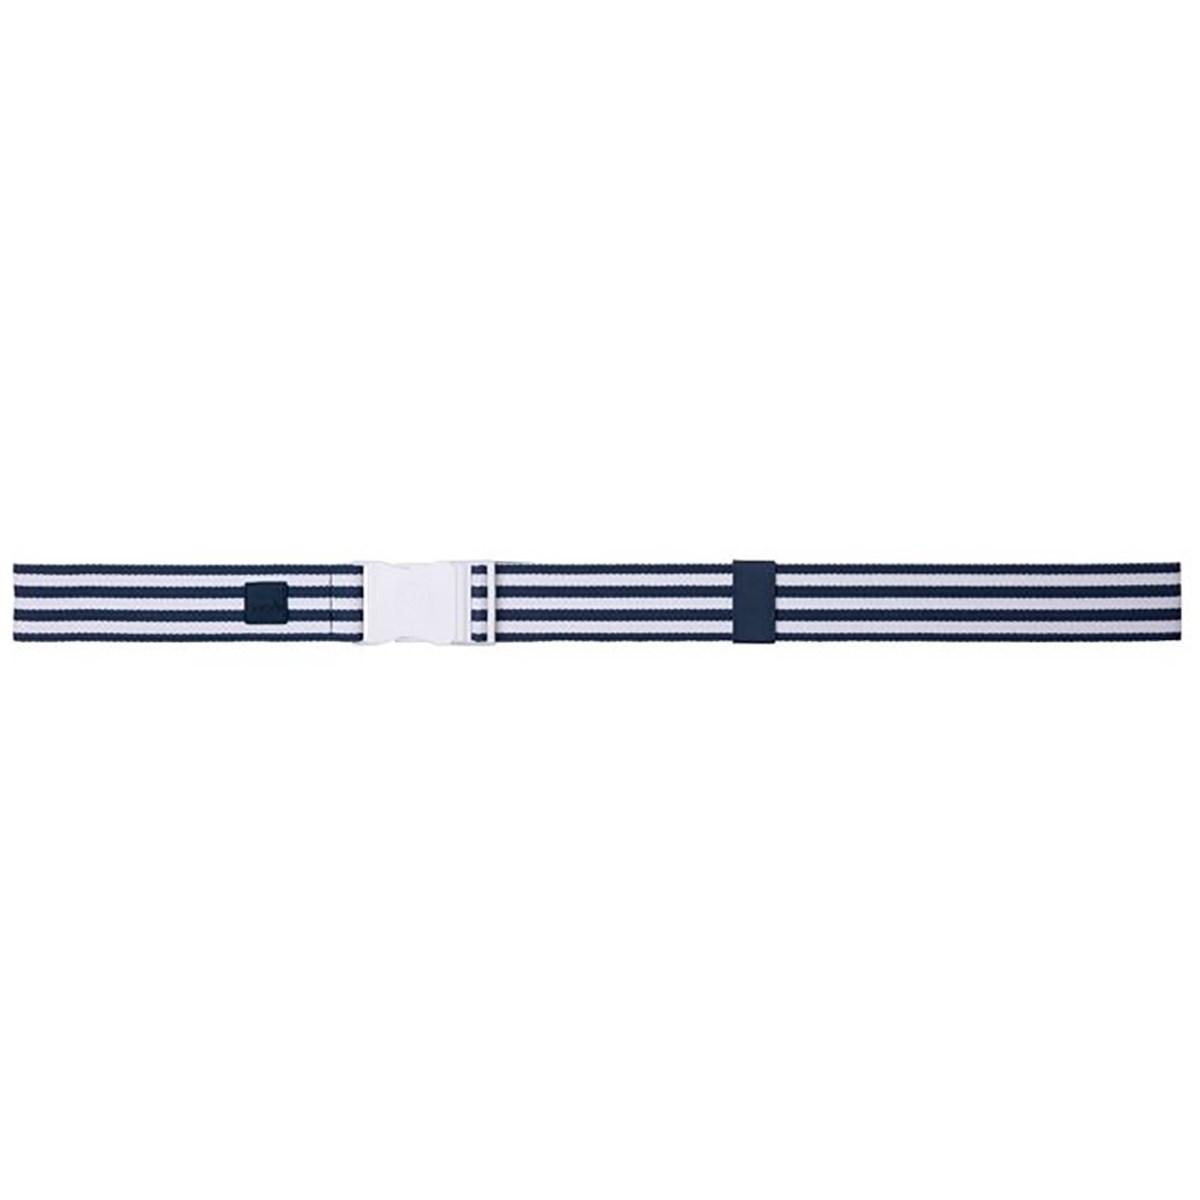 プーマ PUMA Pars & Stripes ウルトラライト ストレッチ ベルト フリー ダークデニム 01